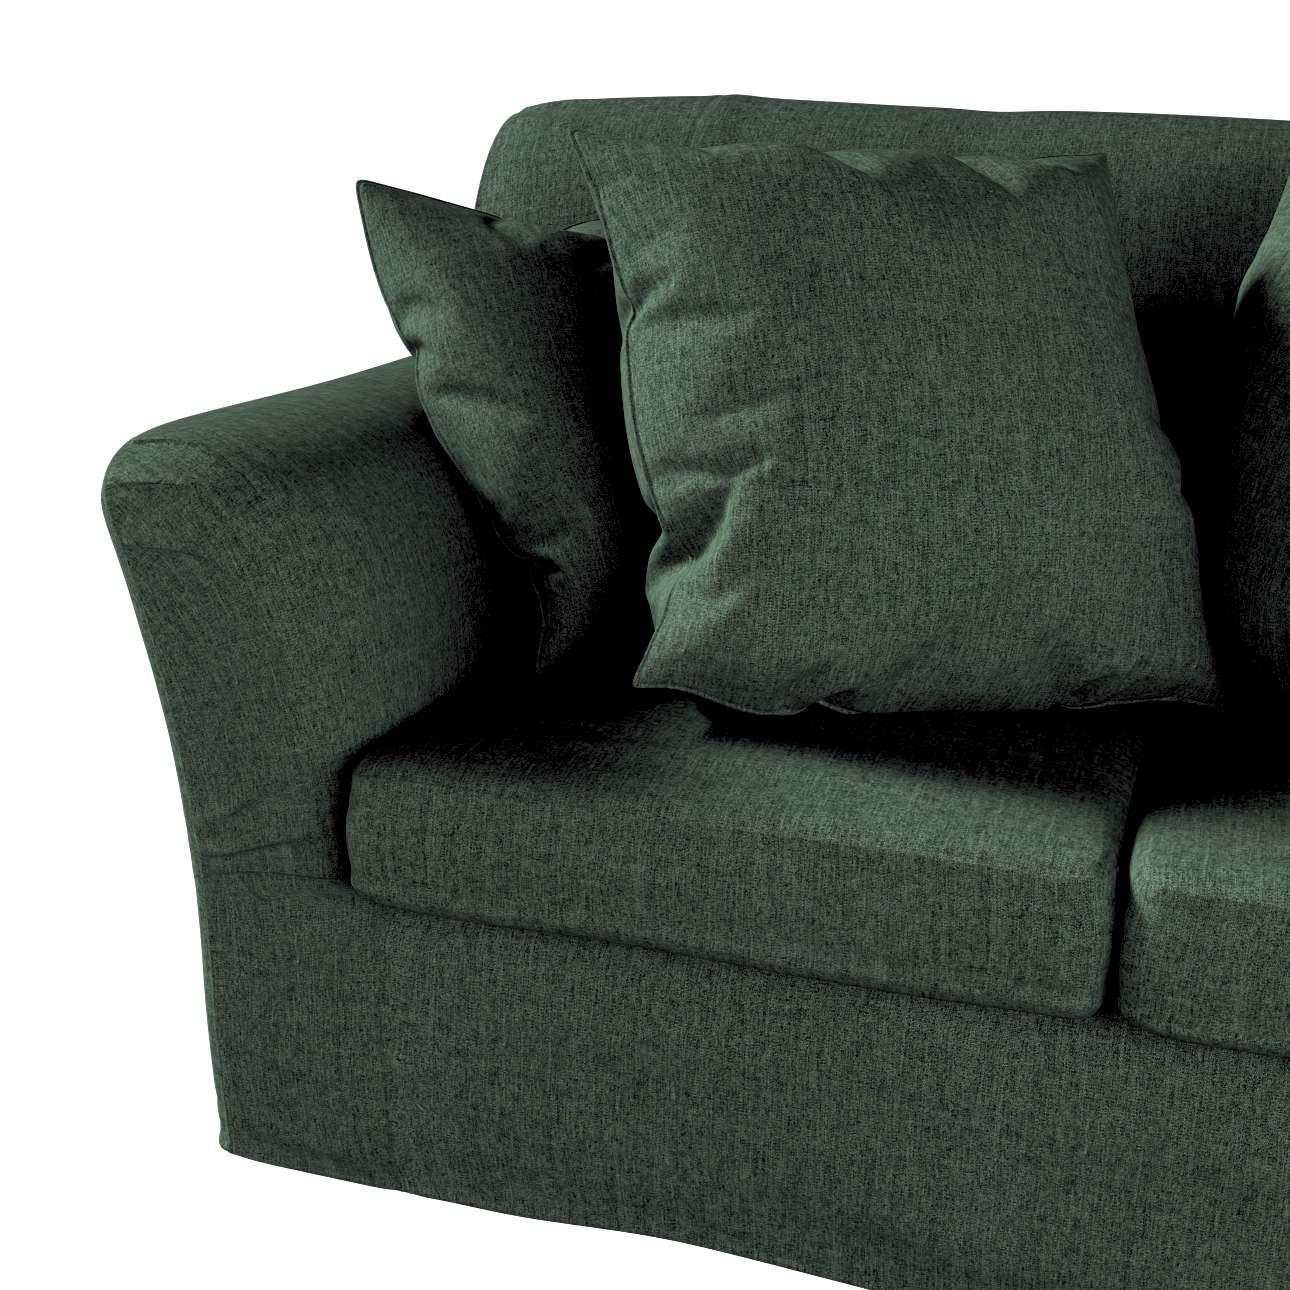 Pokrowiec na sofę Tomelilla 2-osobową nierozkładaną w kolekcji City, tkanina: 704-81